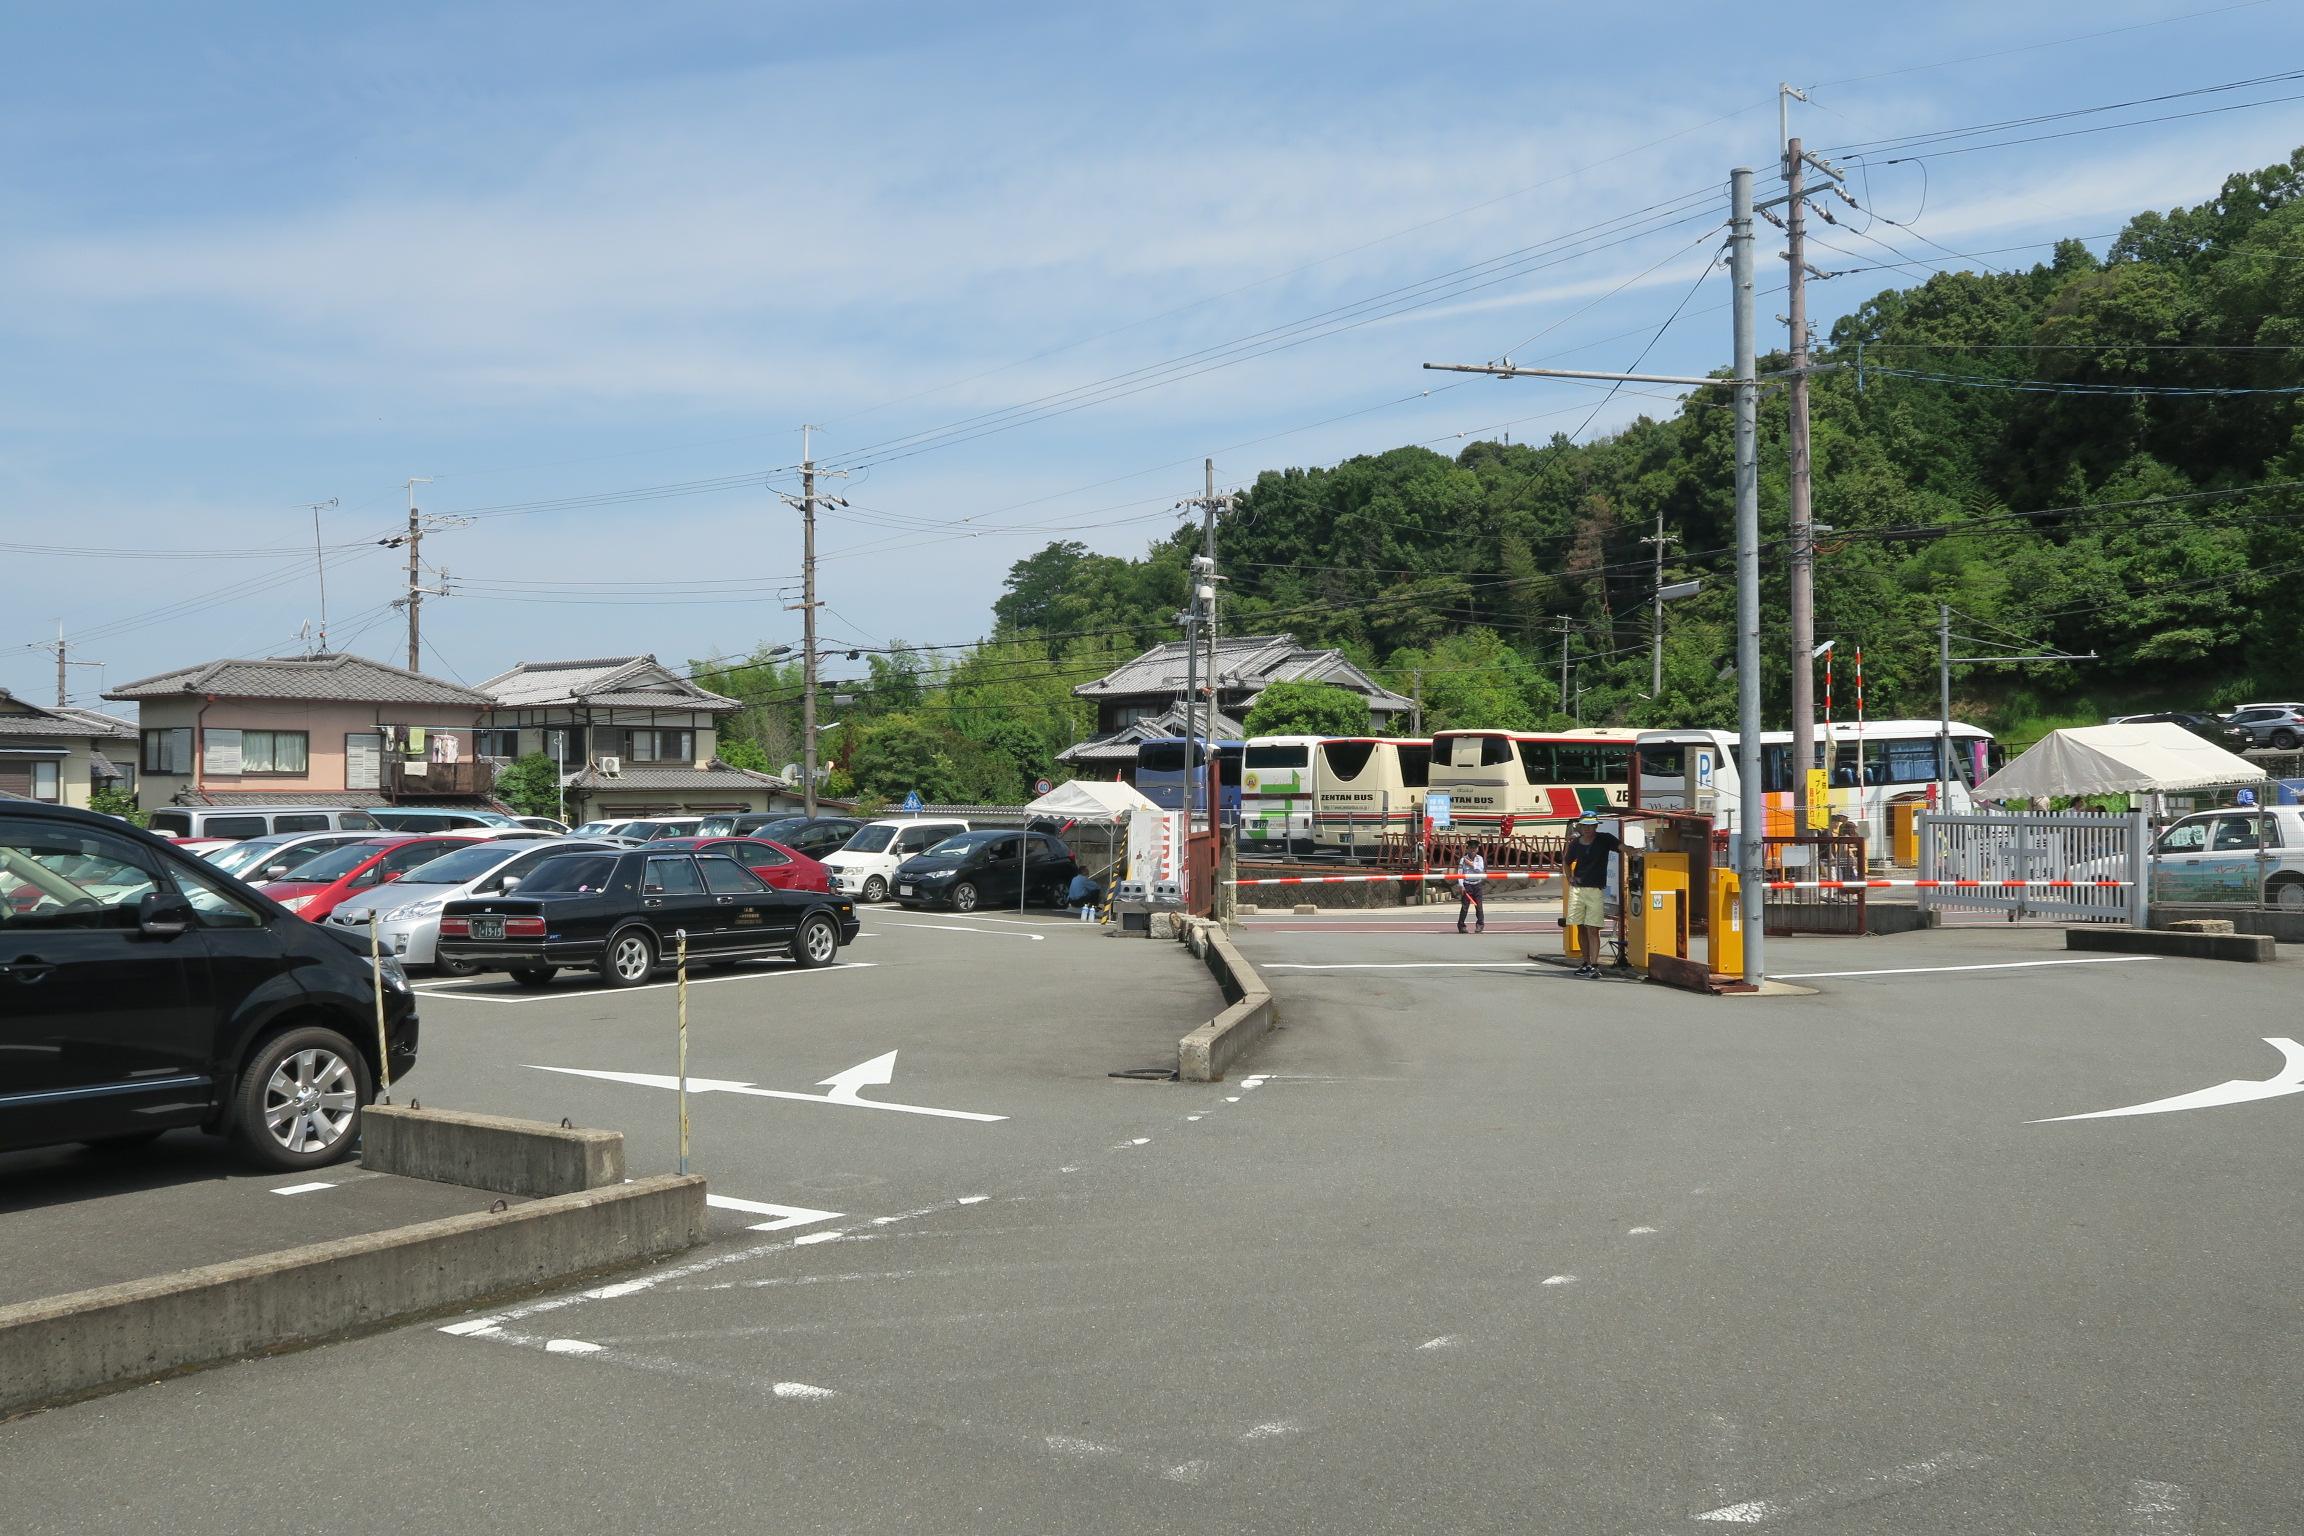 駐車場は満車。観光バスもたくさん停まっていました。